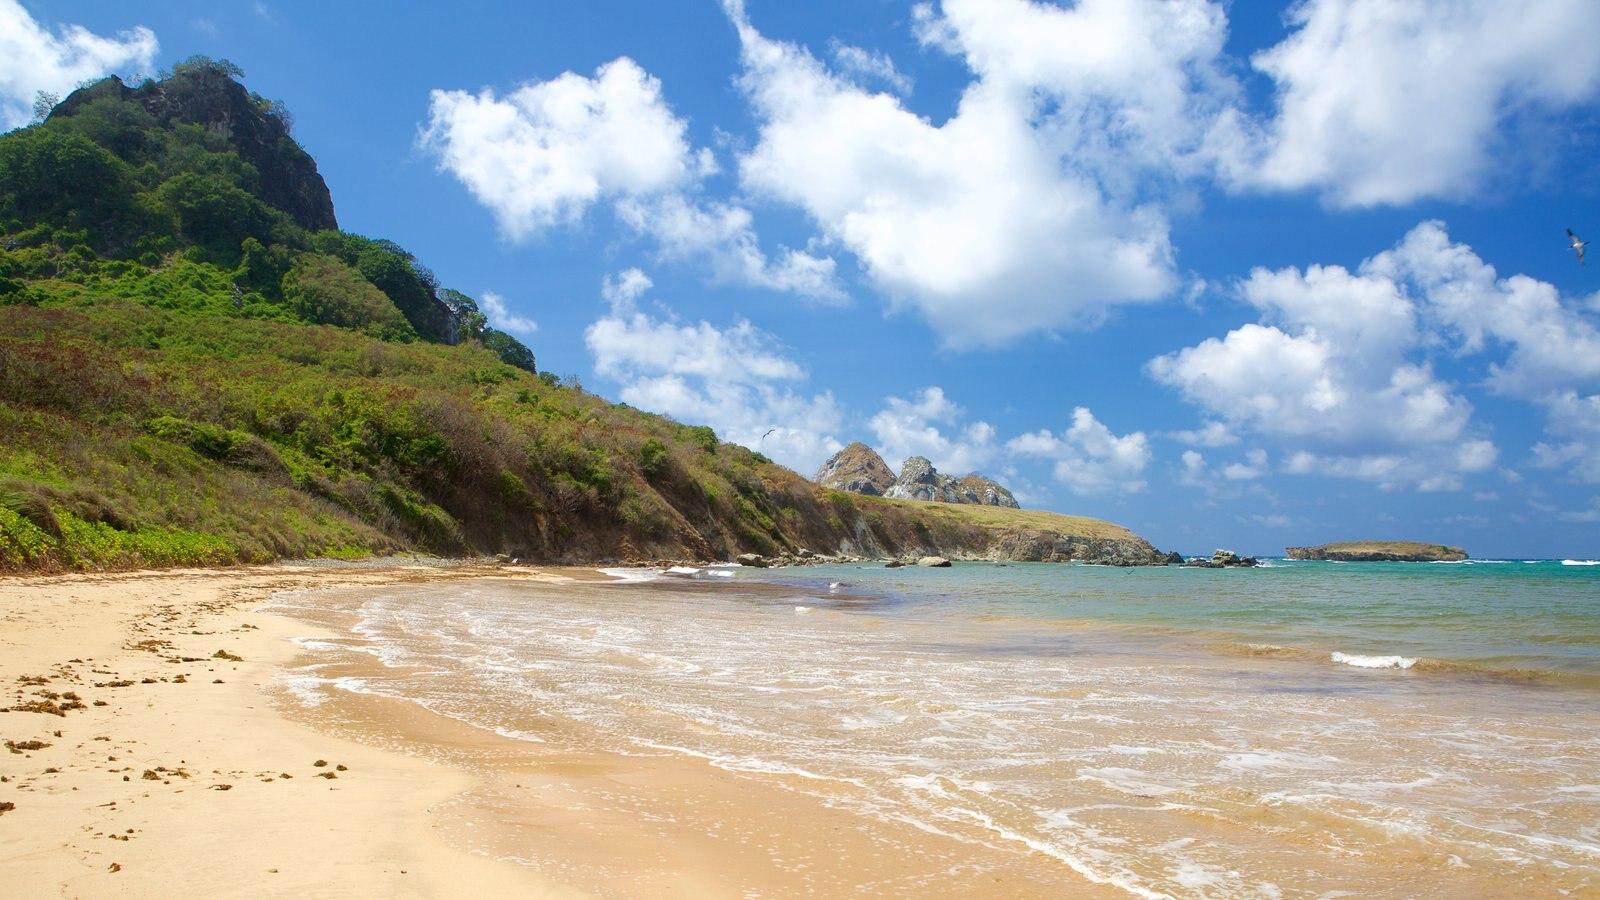 Praia do Sueste caracterizando paisagens litorâneas, montanhas e uma praia de areia